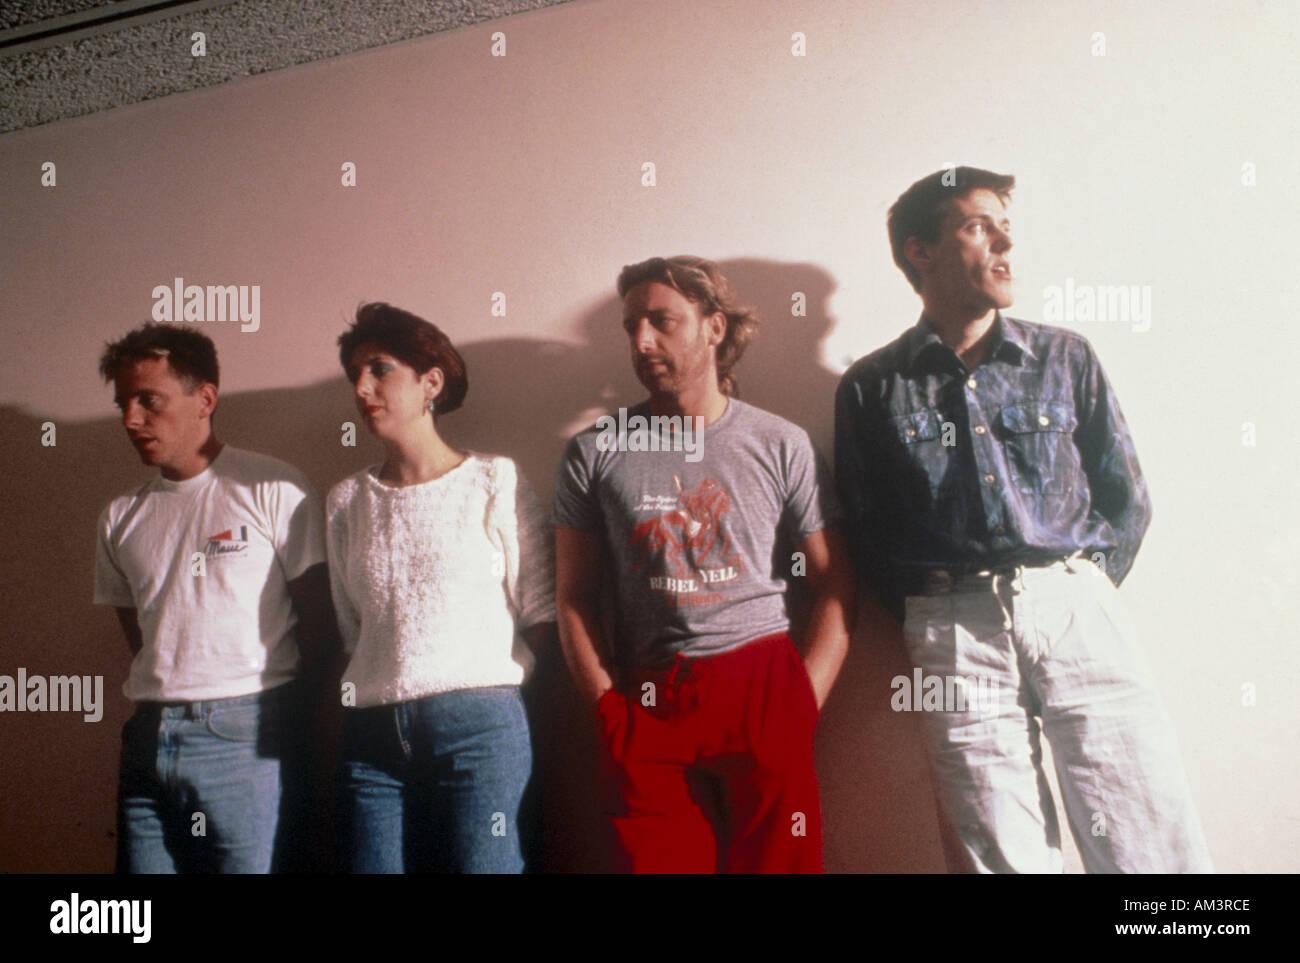 NEW ORDER  UK group from left Bernard Sumner, Gillian Gilbert, Pter Hook, Stephen Morris - Stock Image